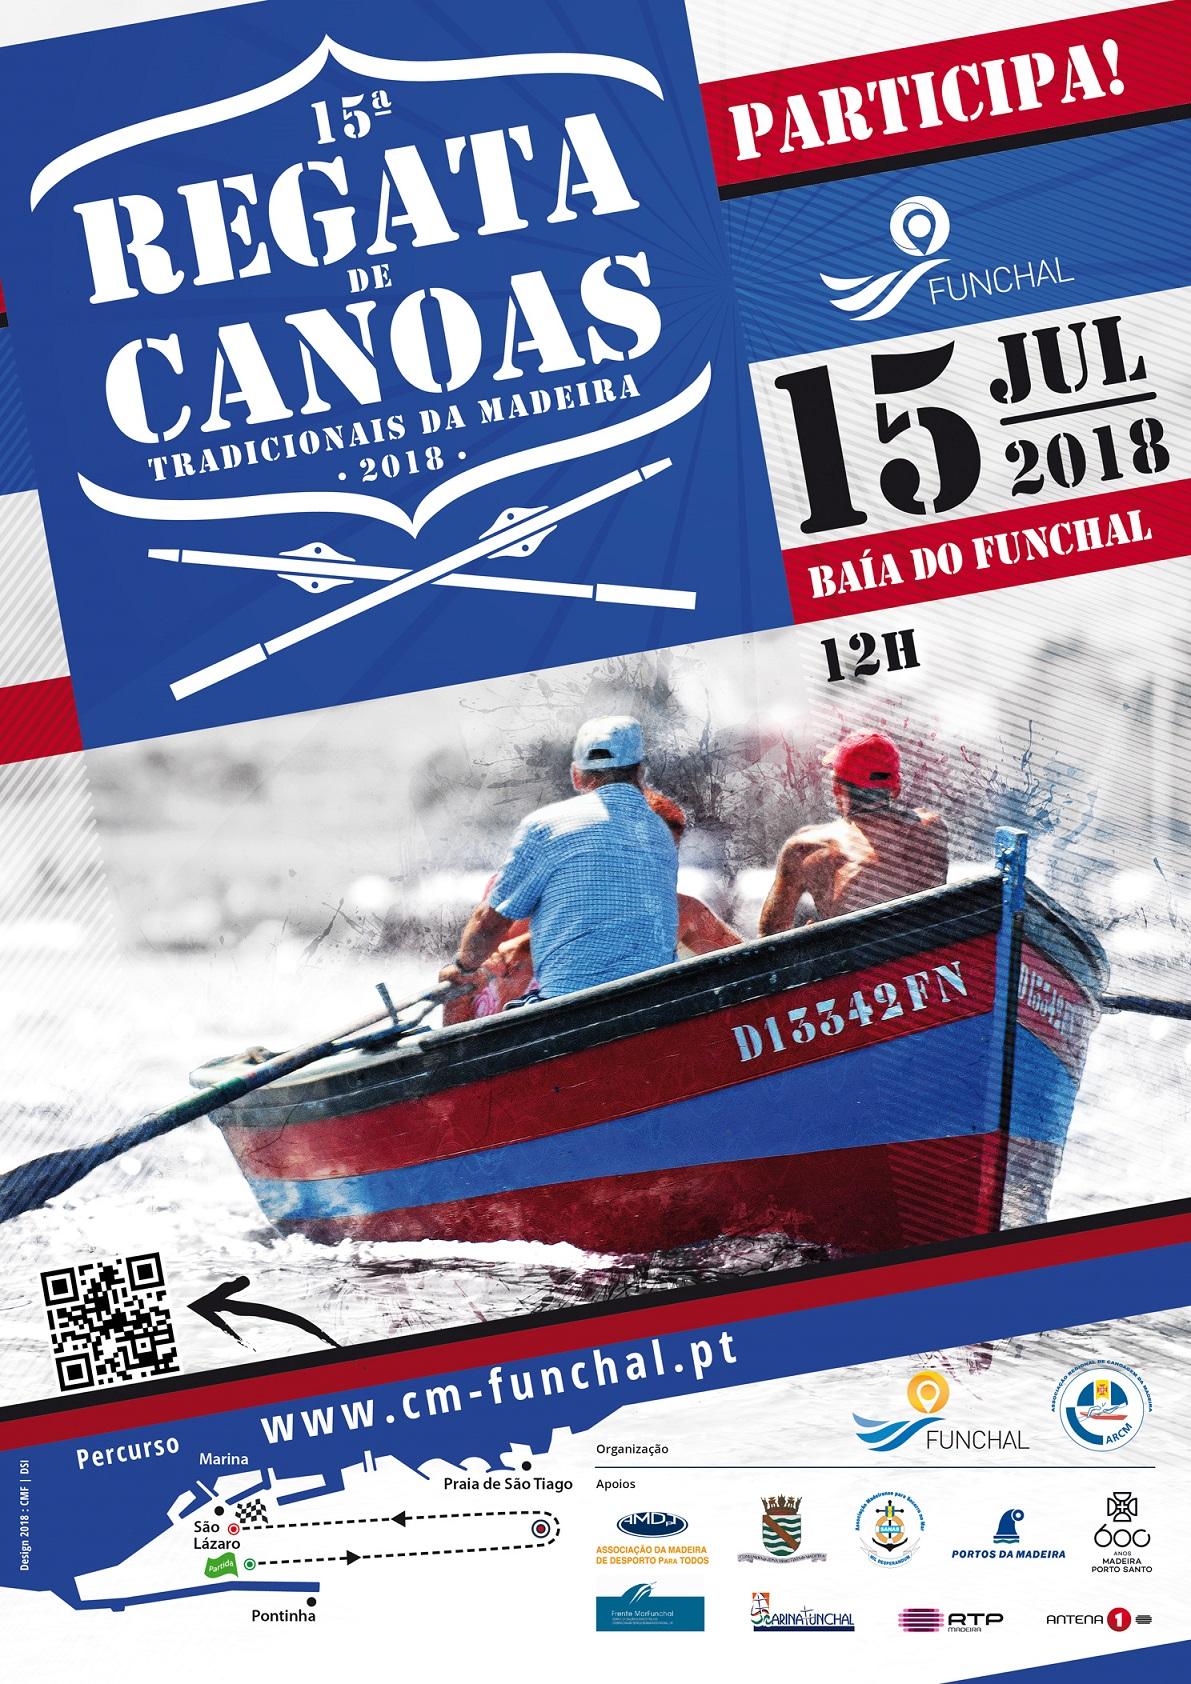 XV Regata Canoas Tradicionais da Madeira